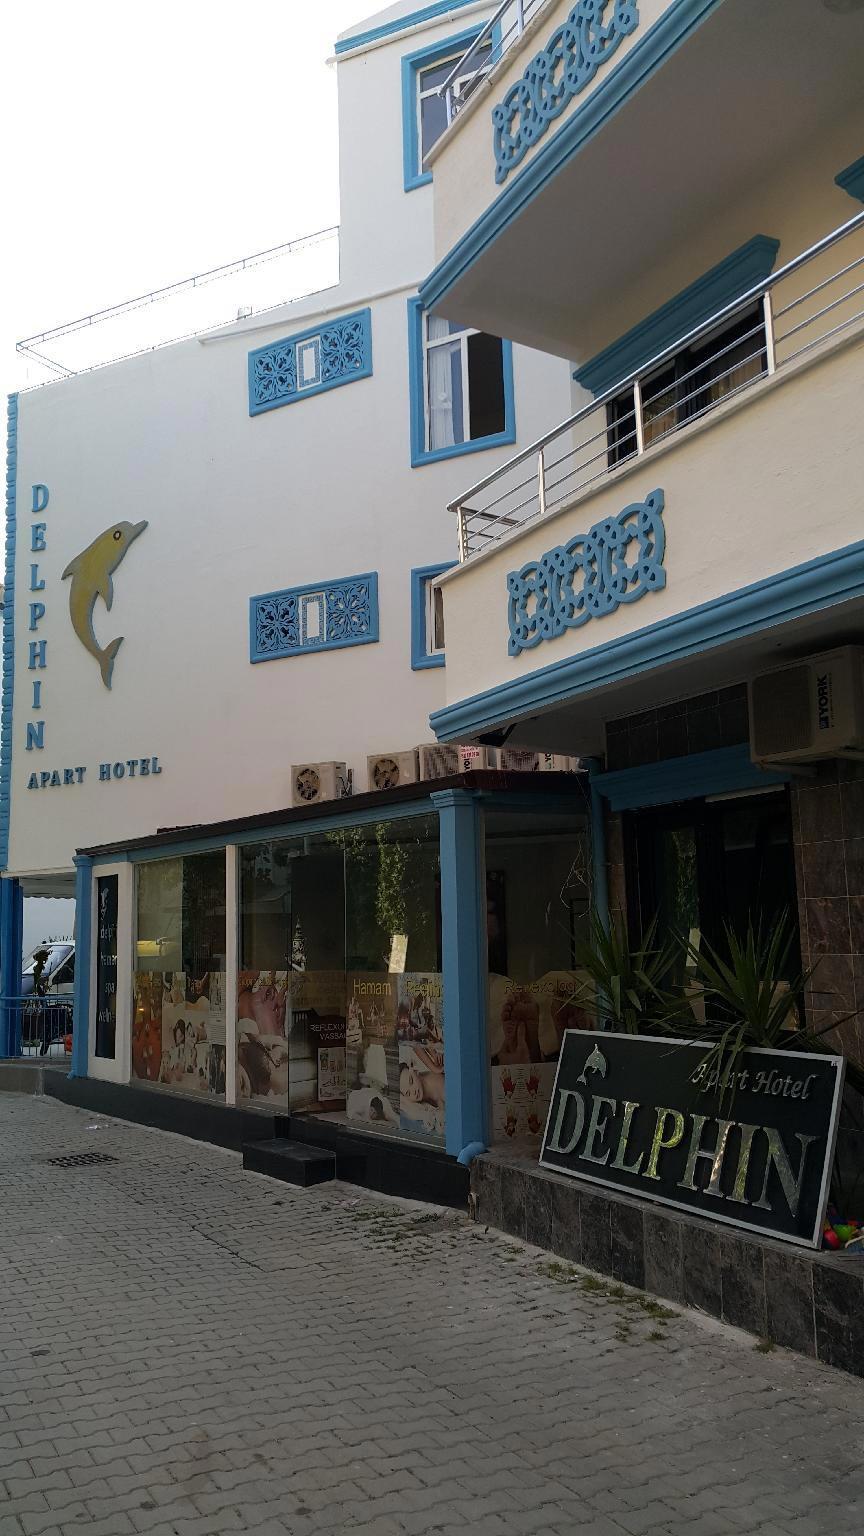 Delphin Side